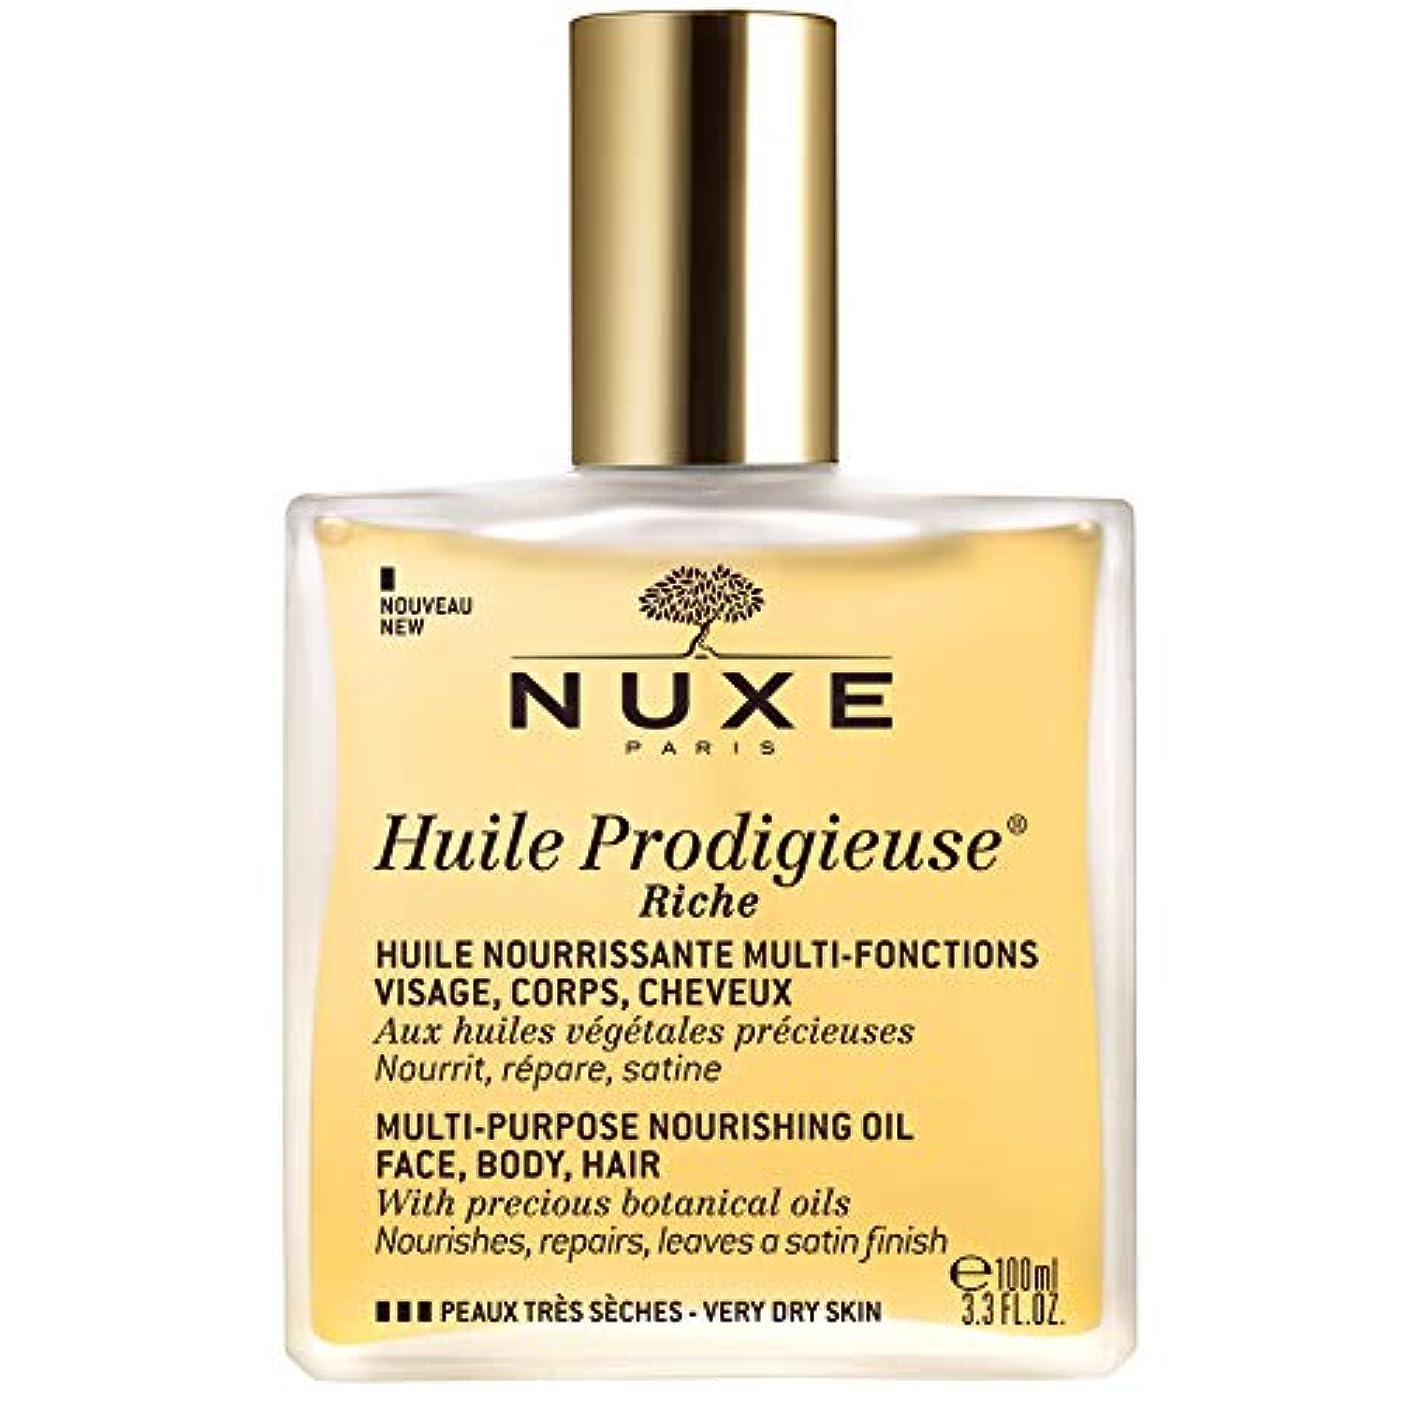 潤滑する可塑性責任者ニュクス(NUXE) 数量限定 プロディジューオイル リッチ 100mL 国内正規品